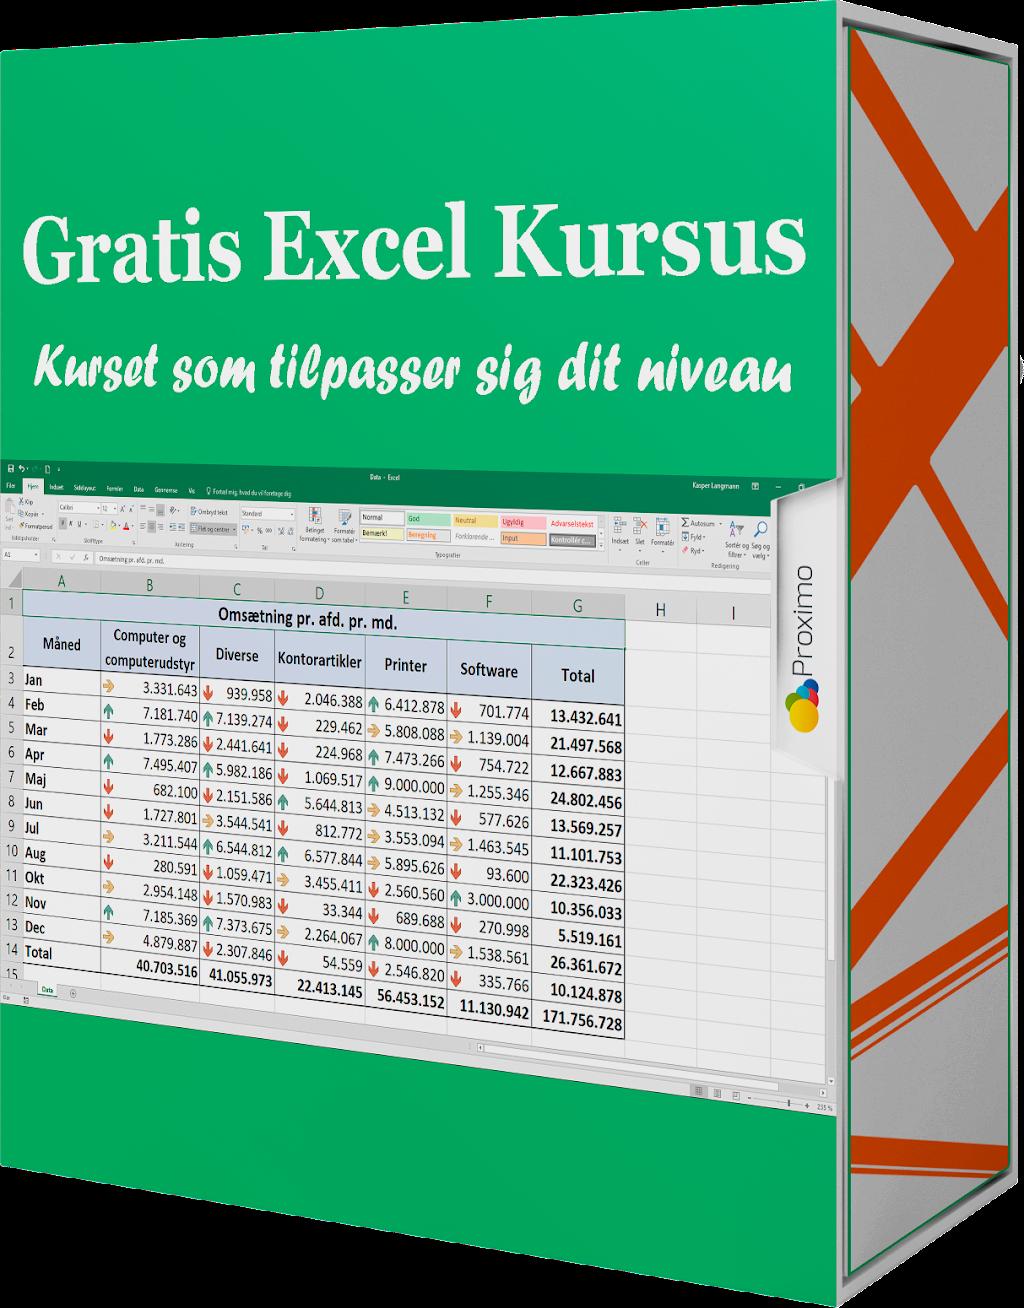 Gratis Online Excel Kursus Cover